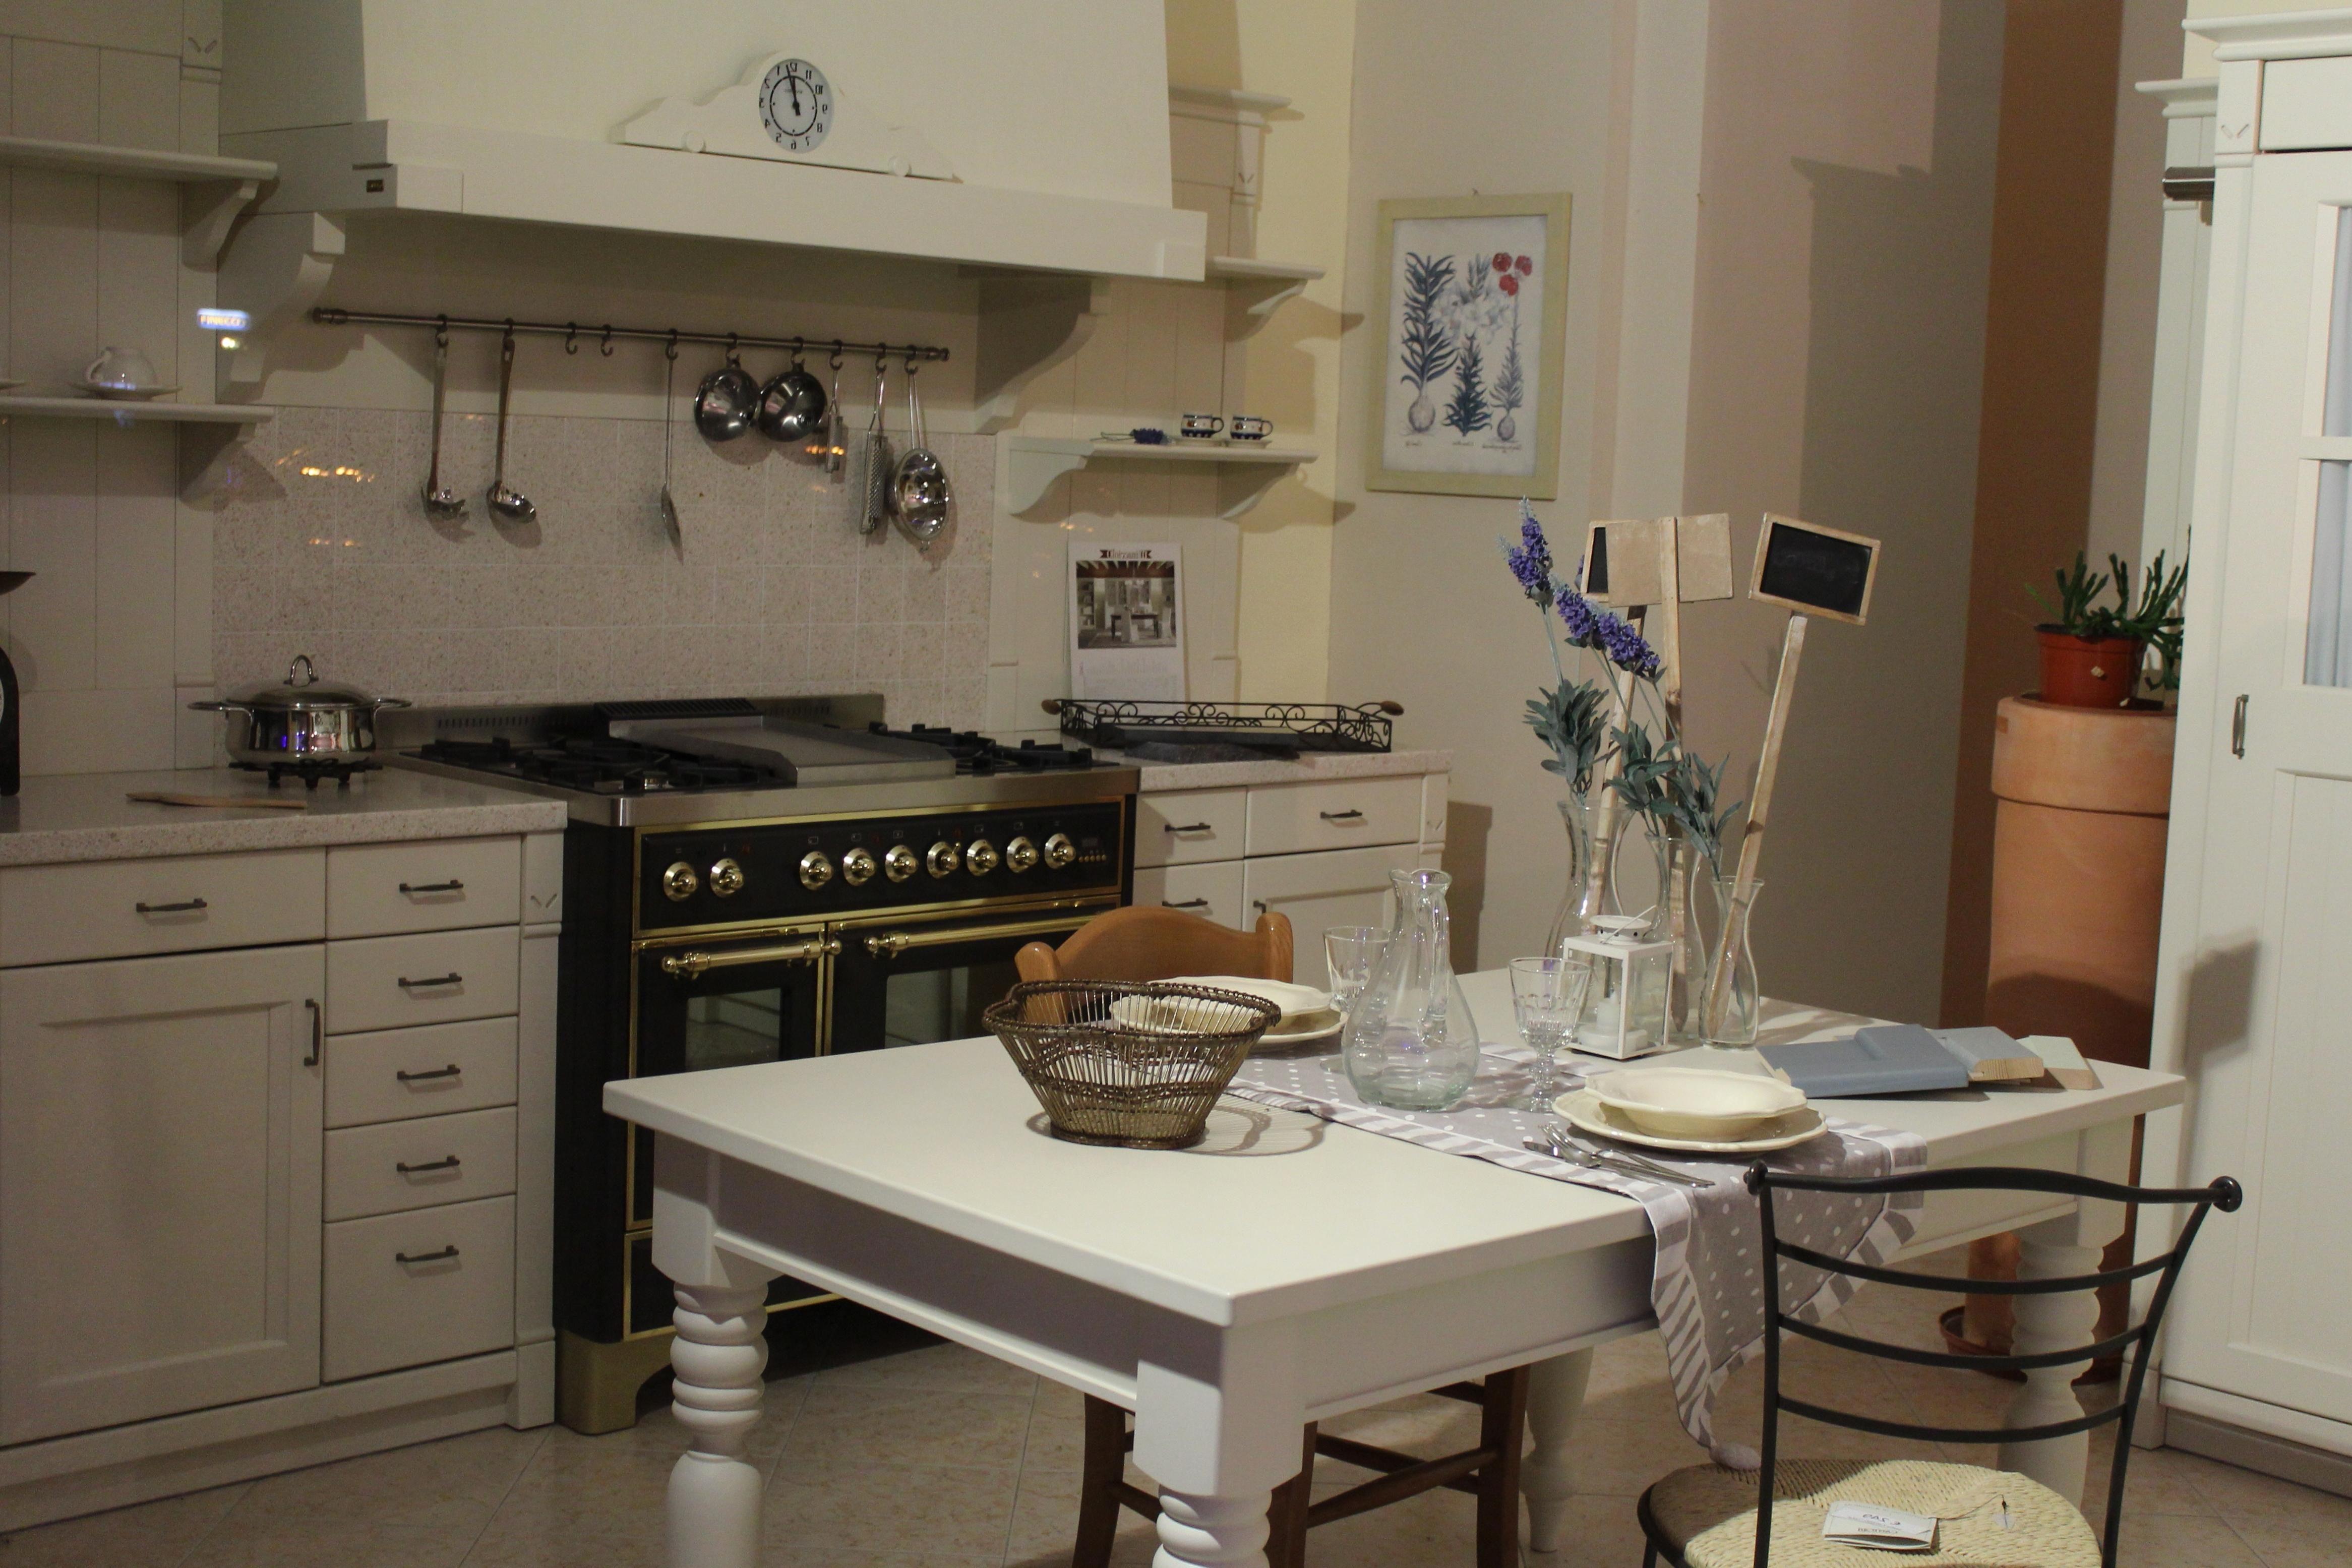 Kostenlose Bild: Zimmer, Möbel, Indoor, Tisch, Haus, Schrank, Stuhl ...